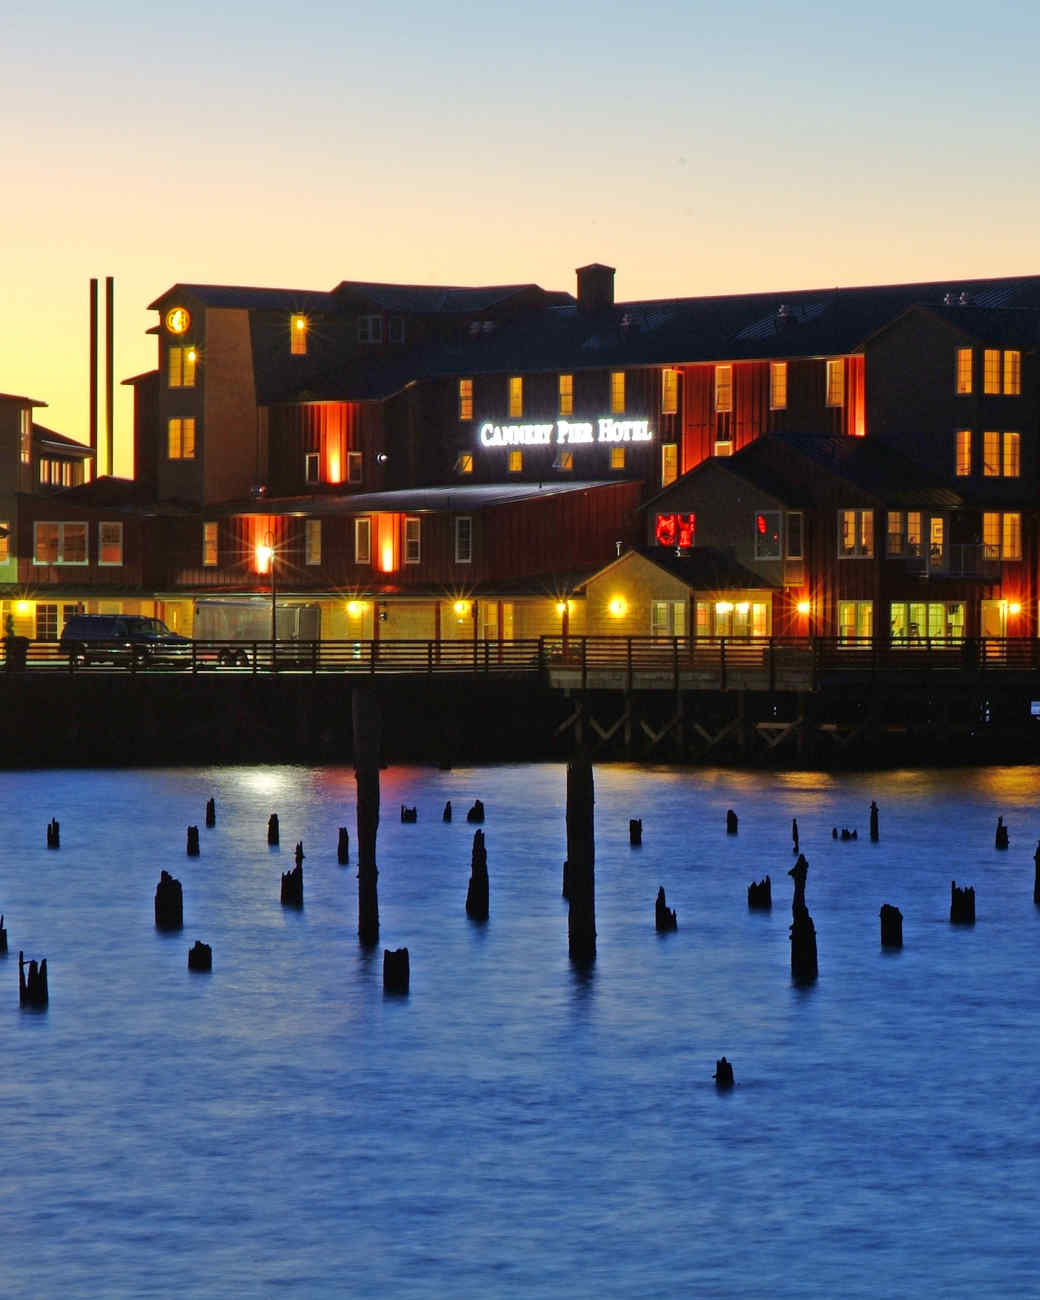 pet-hotels-msl0513-cannery-pier.jpg